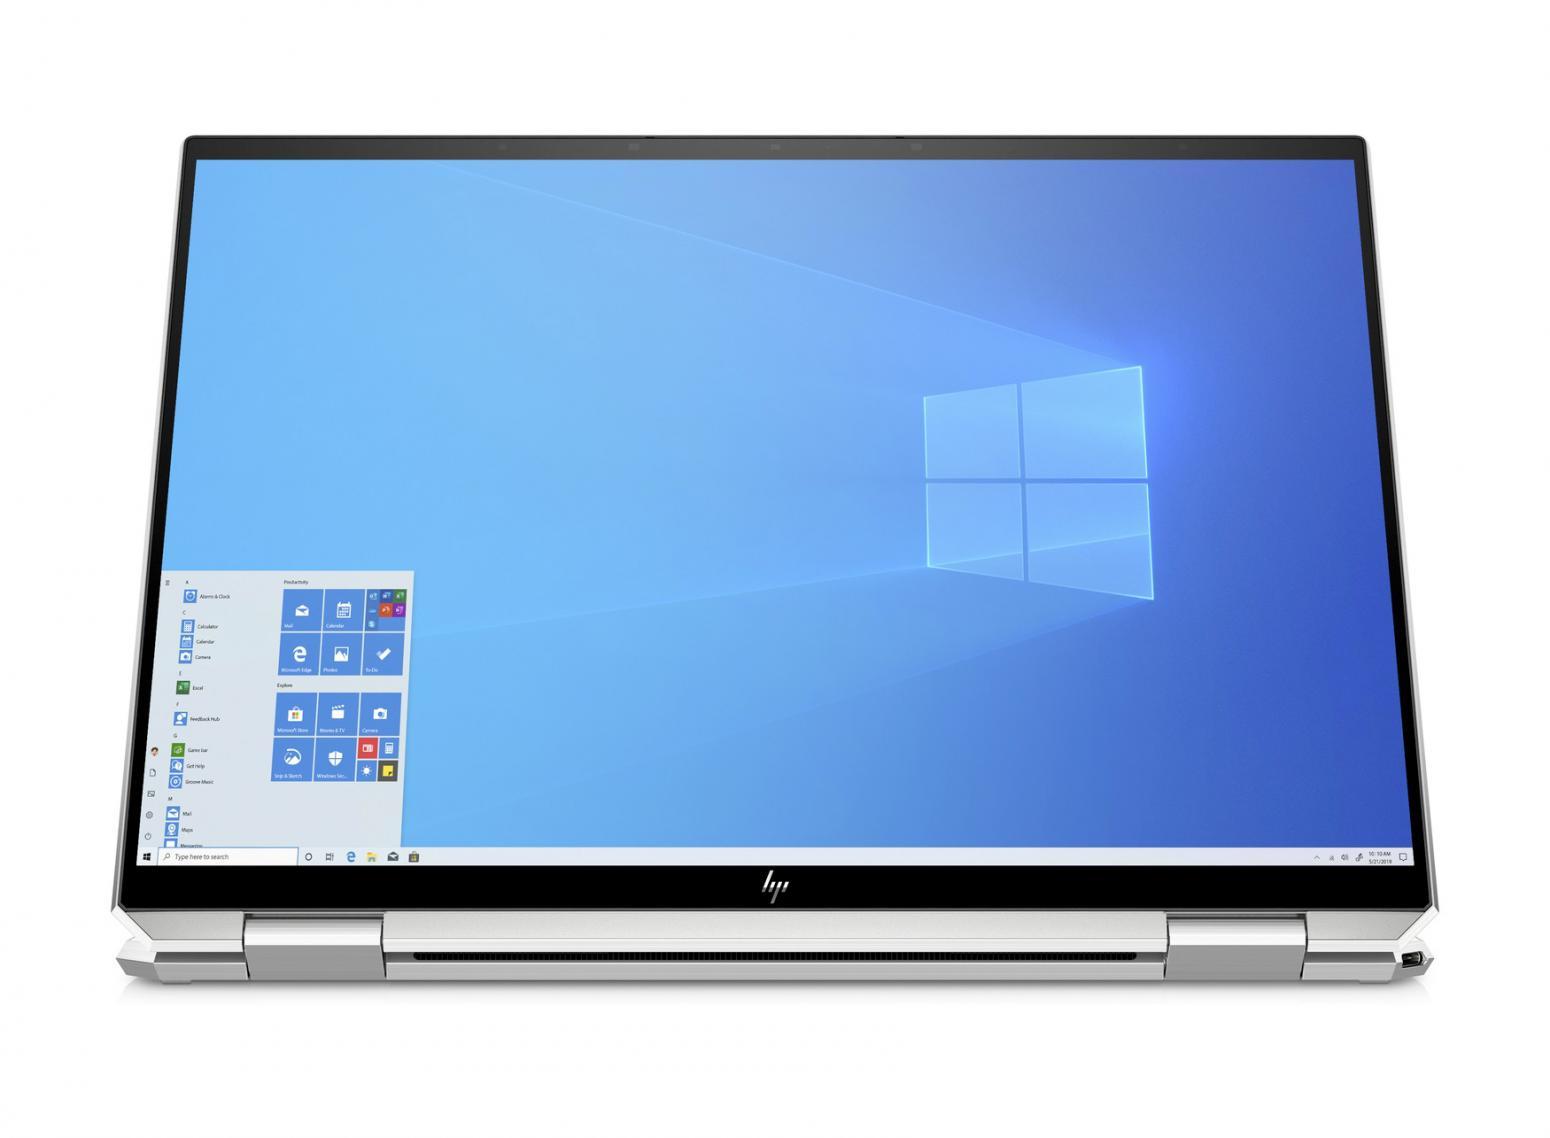 Ordinateur portable HP Spectre x360 14-ea0002nf Argent - 3:2 Tactile - photo 8